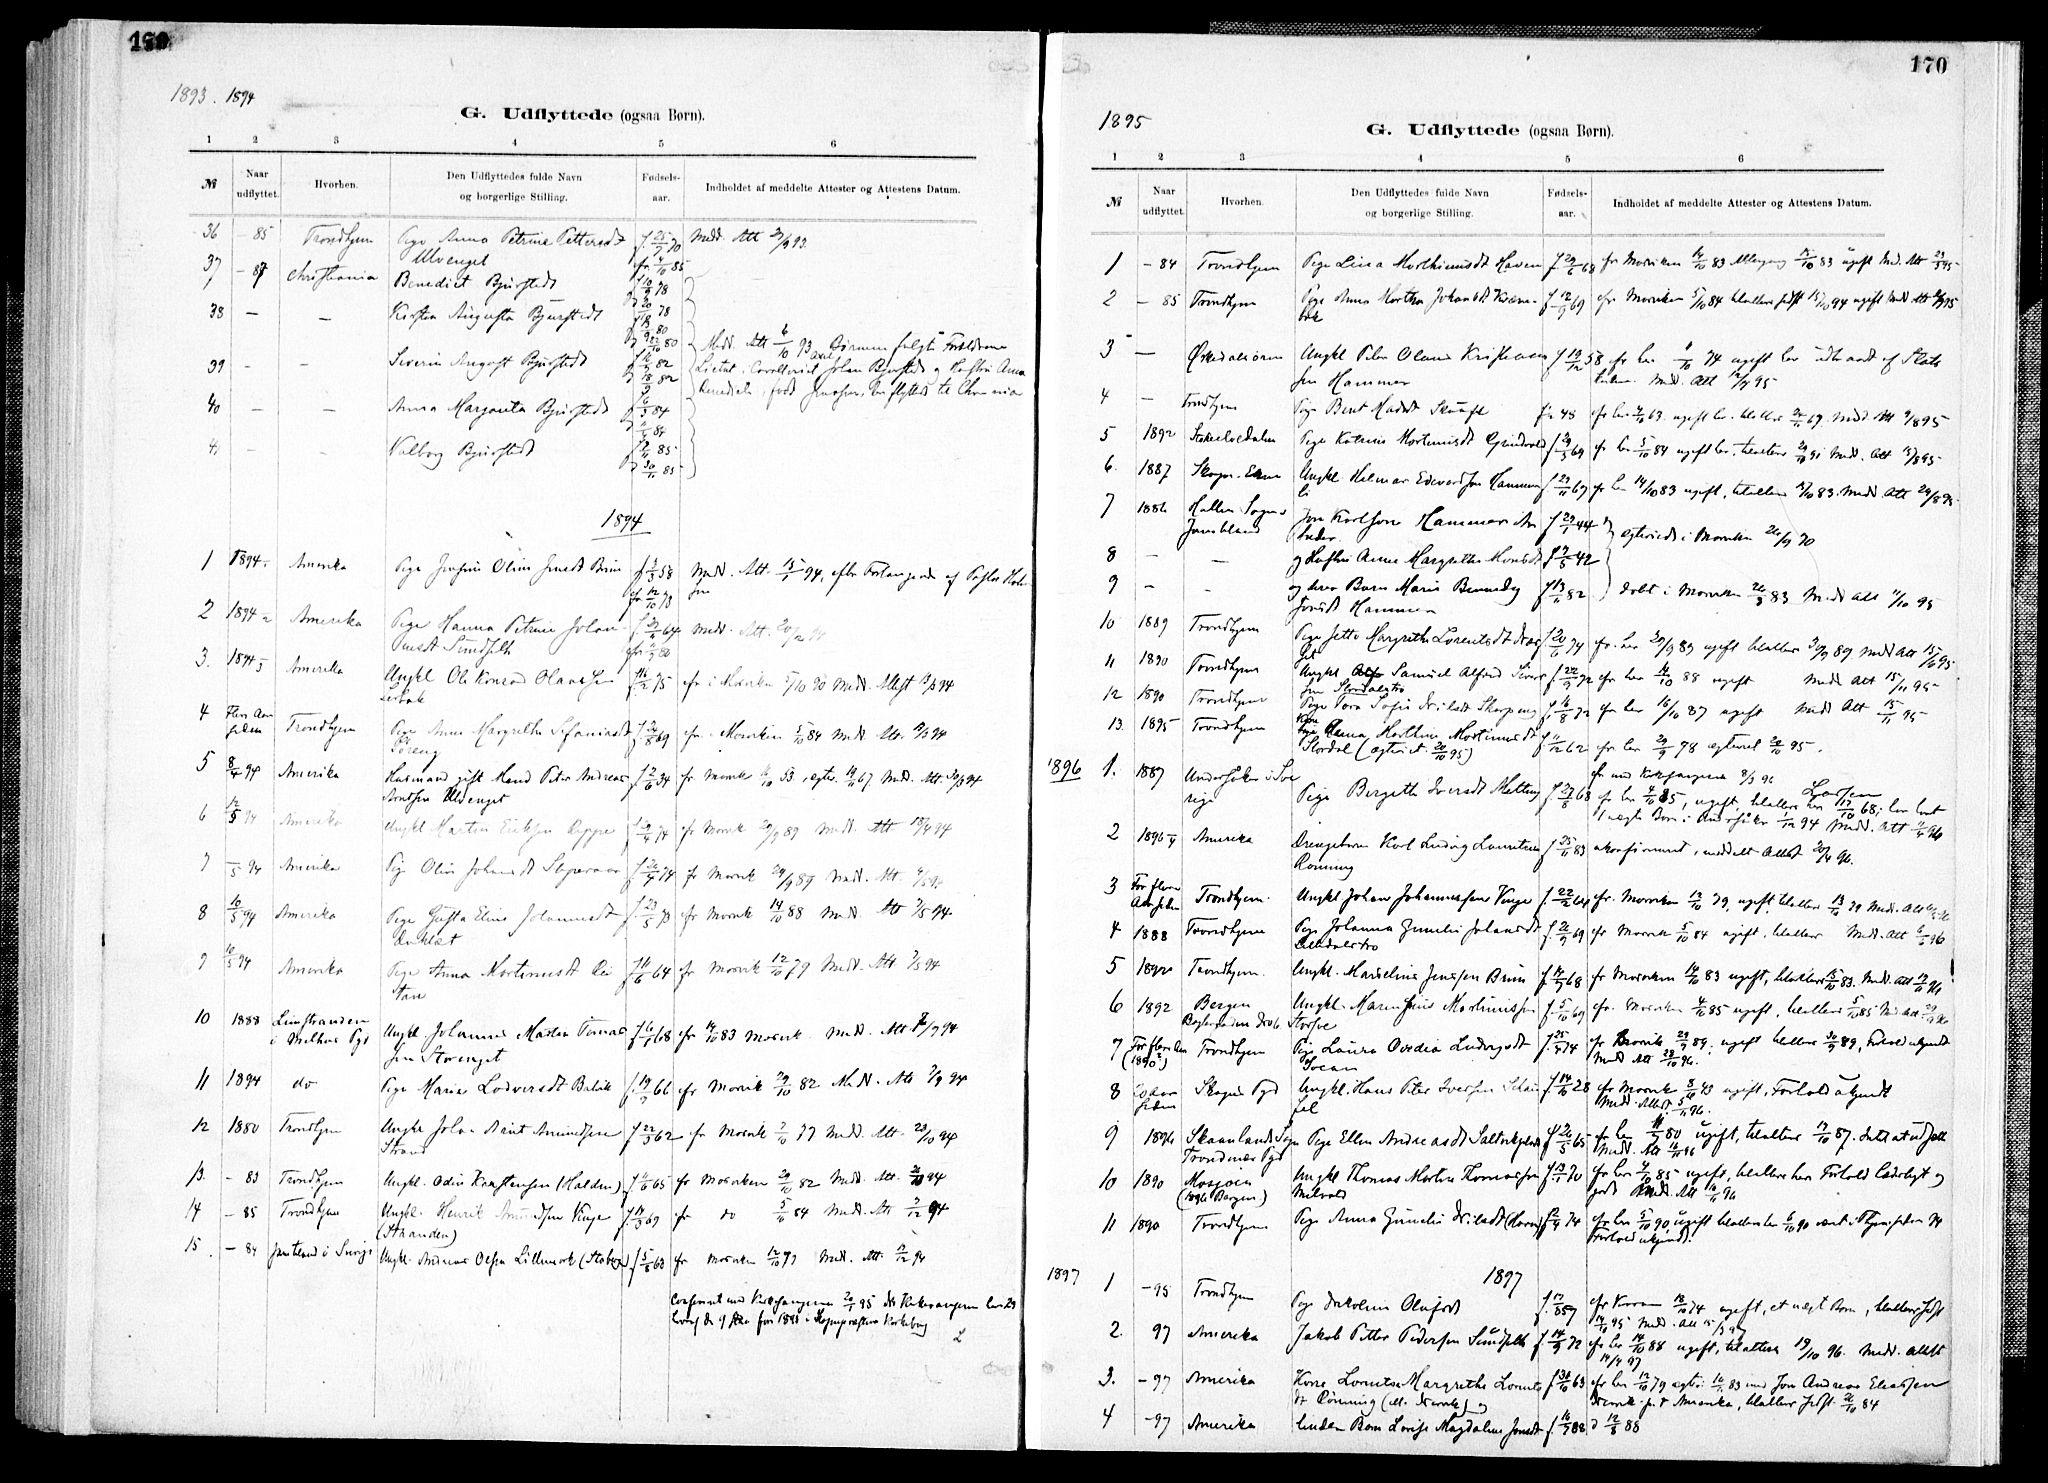 SAT, Ministerialprotokoller, klokkerbøker og fødselsregistre - Nord-Trøndelag, 733/L0325: Ministerialbok nr. 733A04, 1884-1908, s. 170